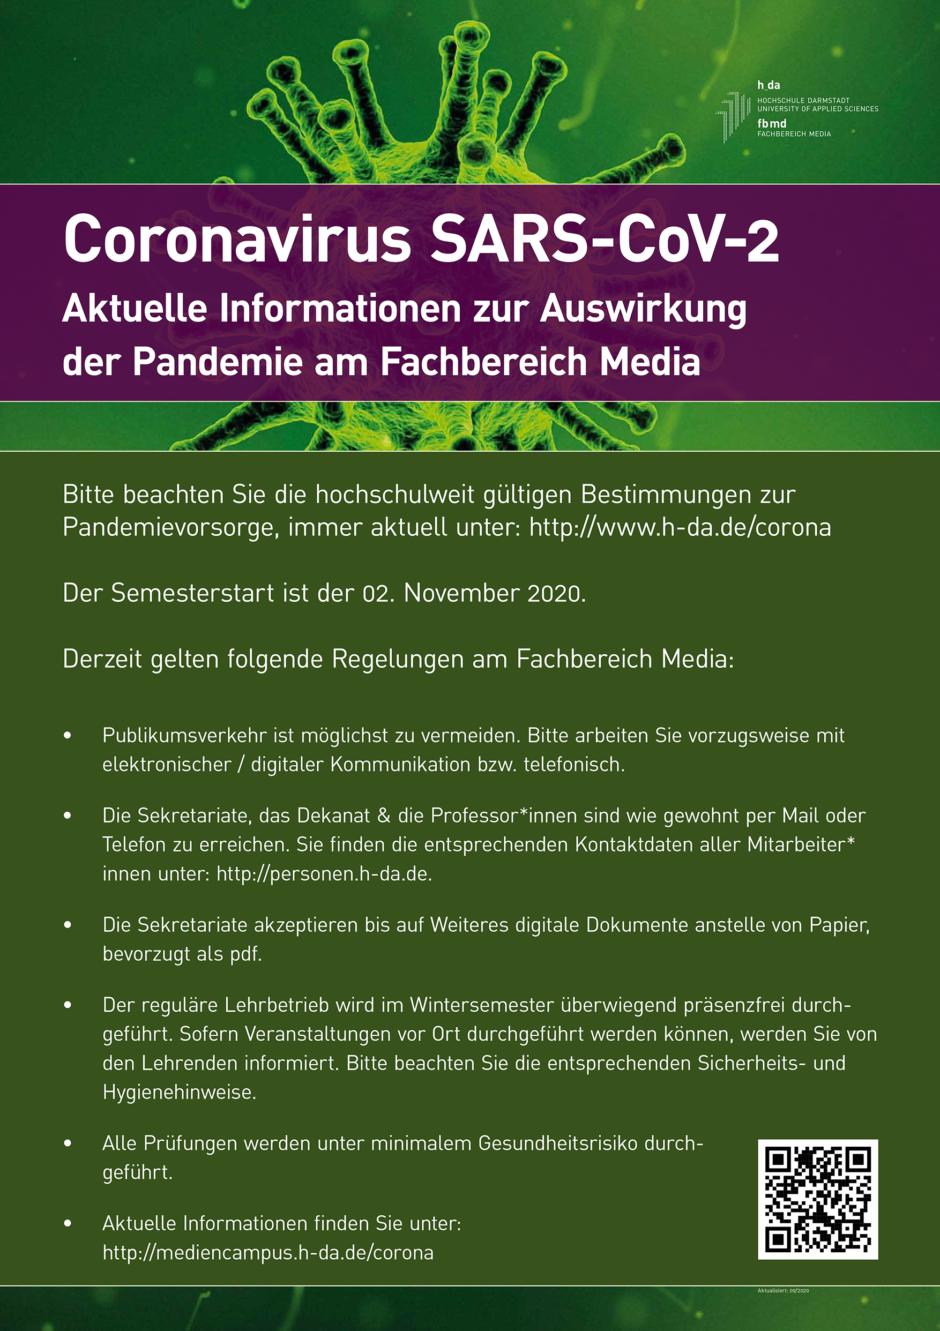 Infoplakat zum Hygienekonzept am Mediencampus